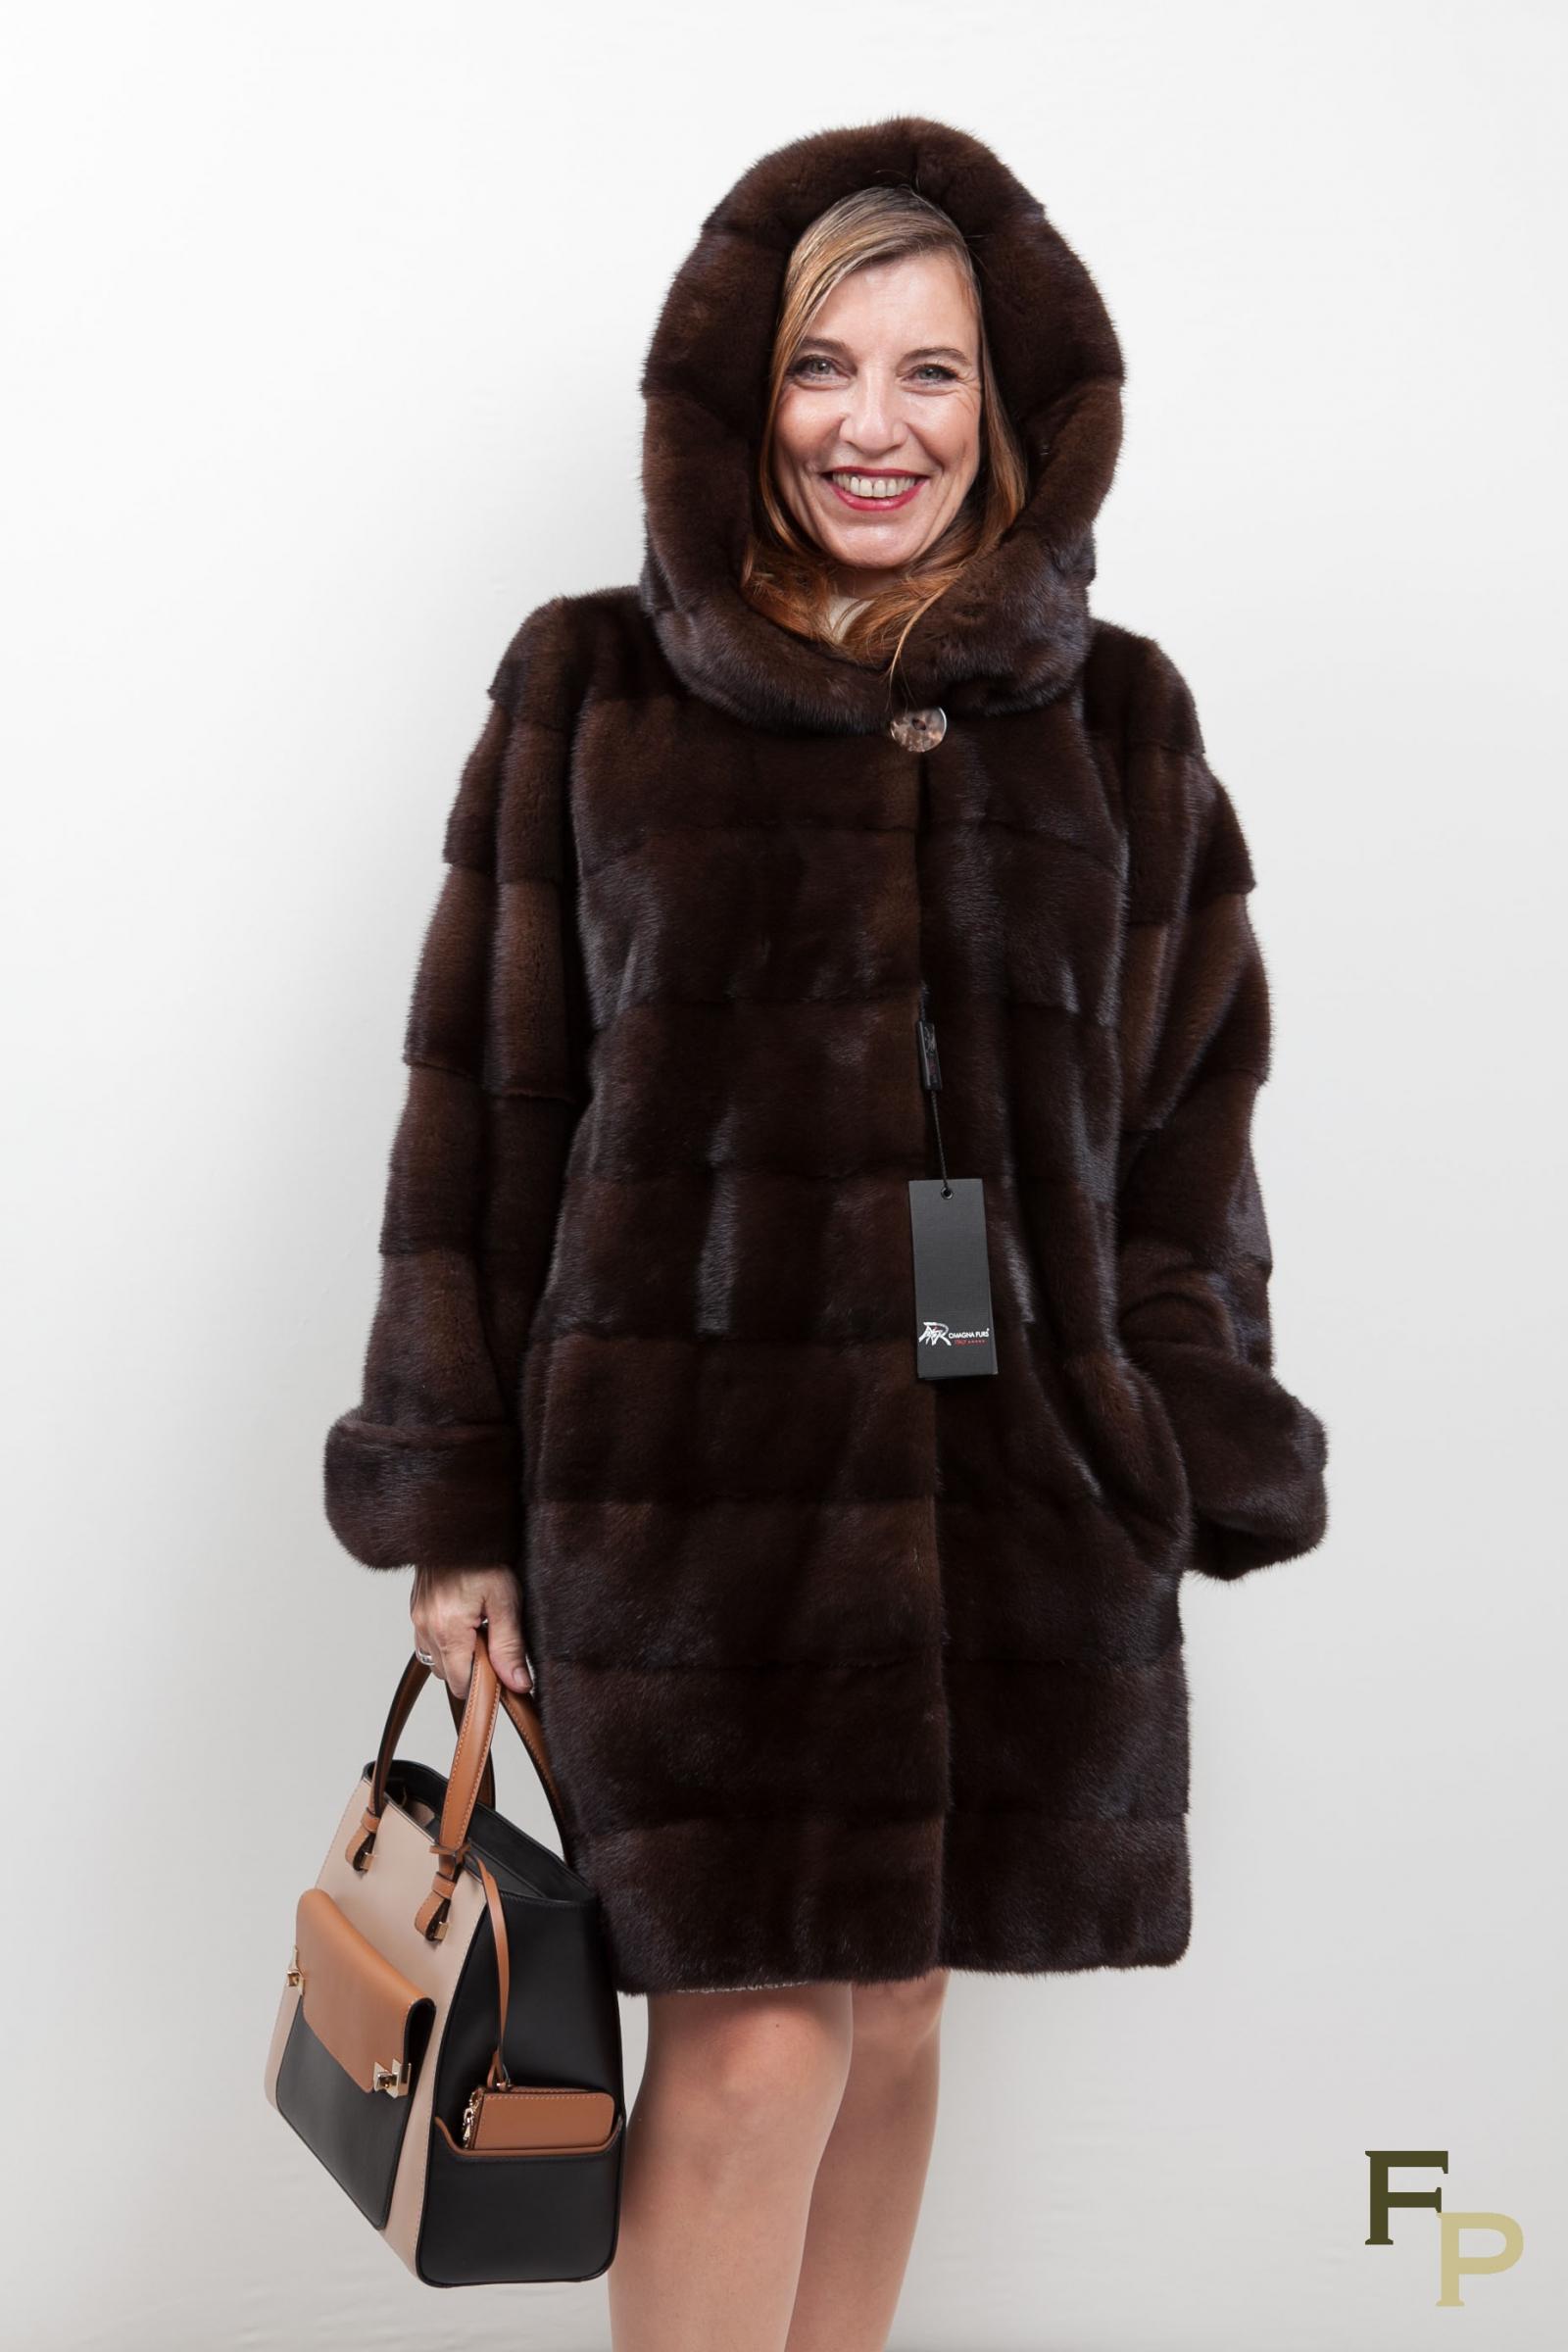 Trouver les dernier styles tendance de manteau capuche chez ZAFUL. Nous vous plaisons avec les dernières tendances de manteau capuche en haute couture.